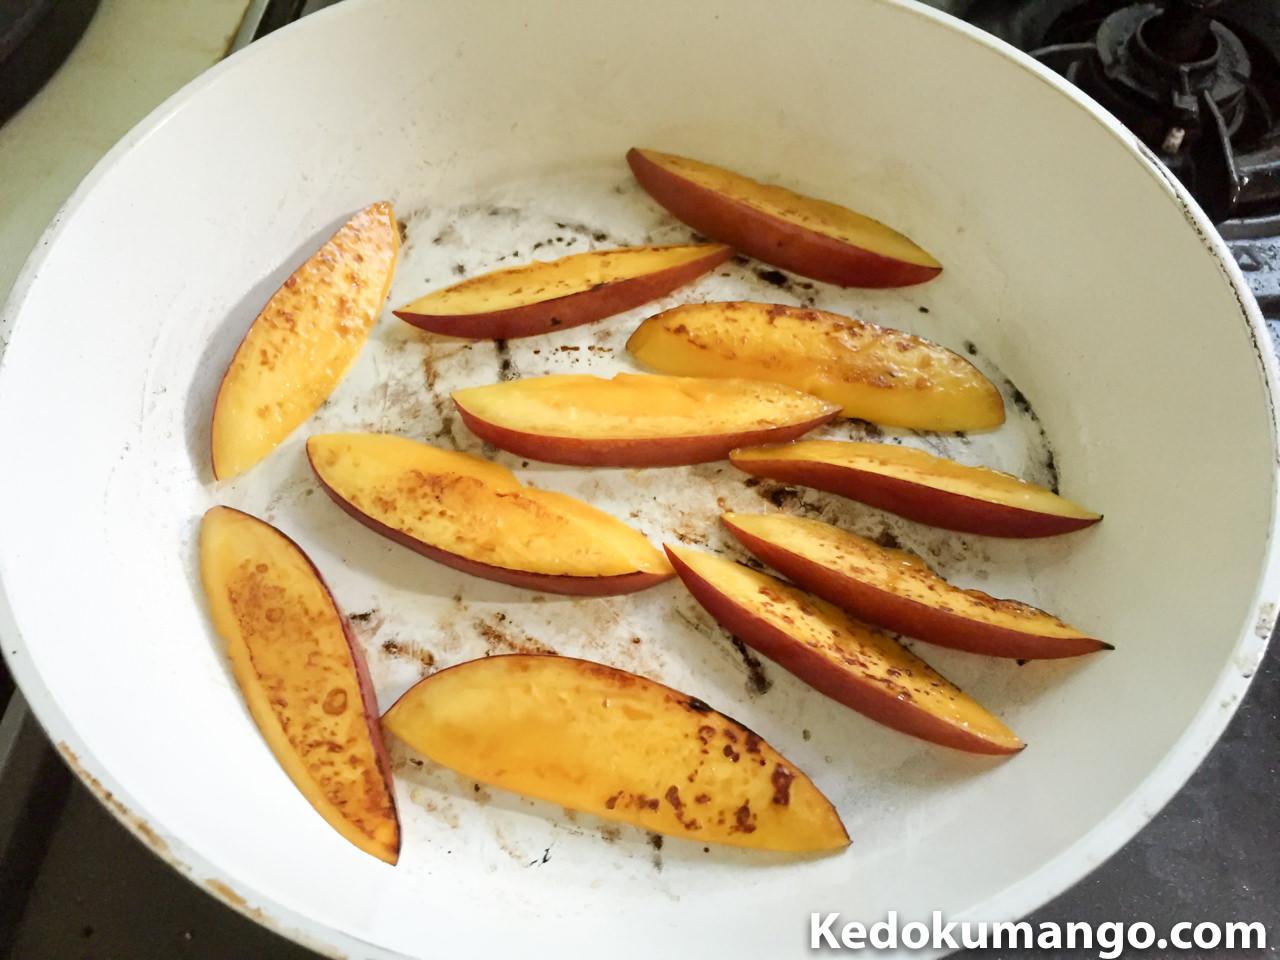 フライパンでマンゴーを焼いている様子